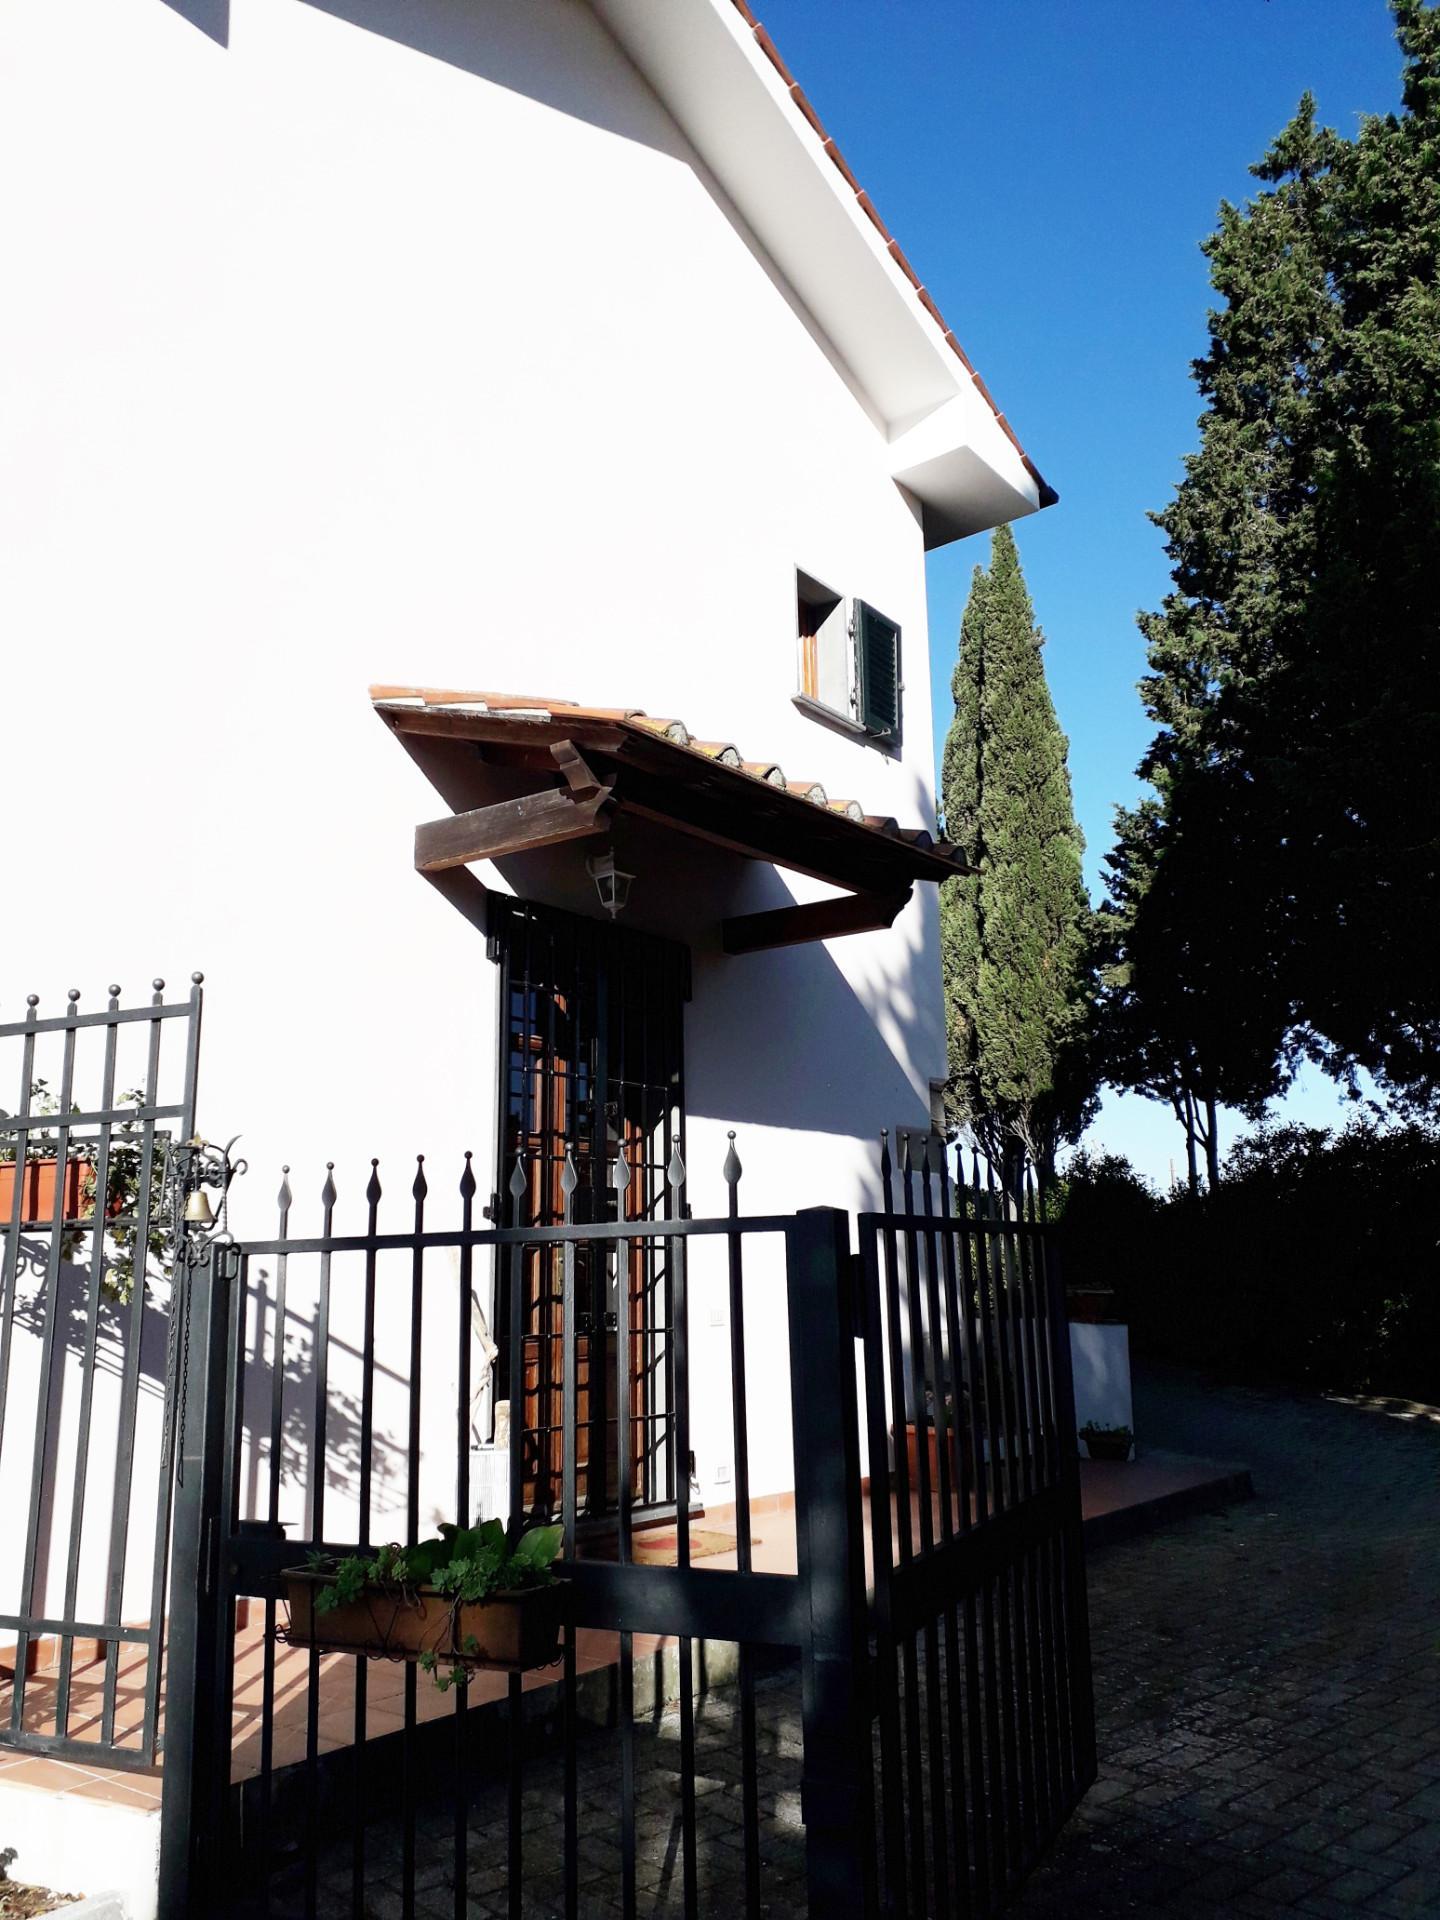 Casale in affitto a Collesalvetti (LI)